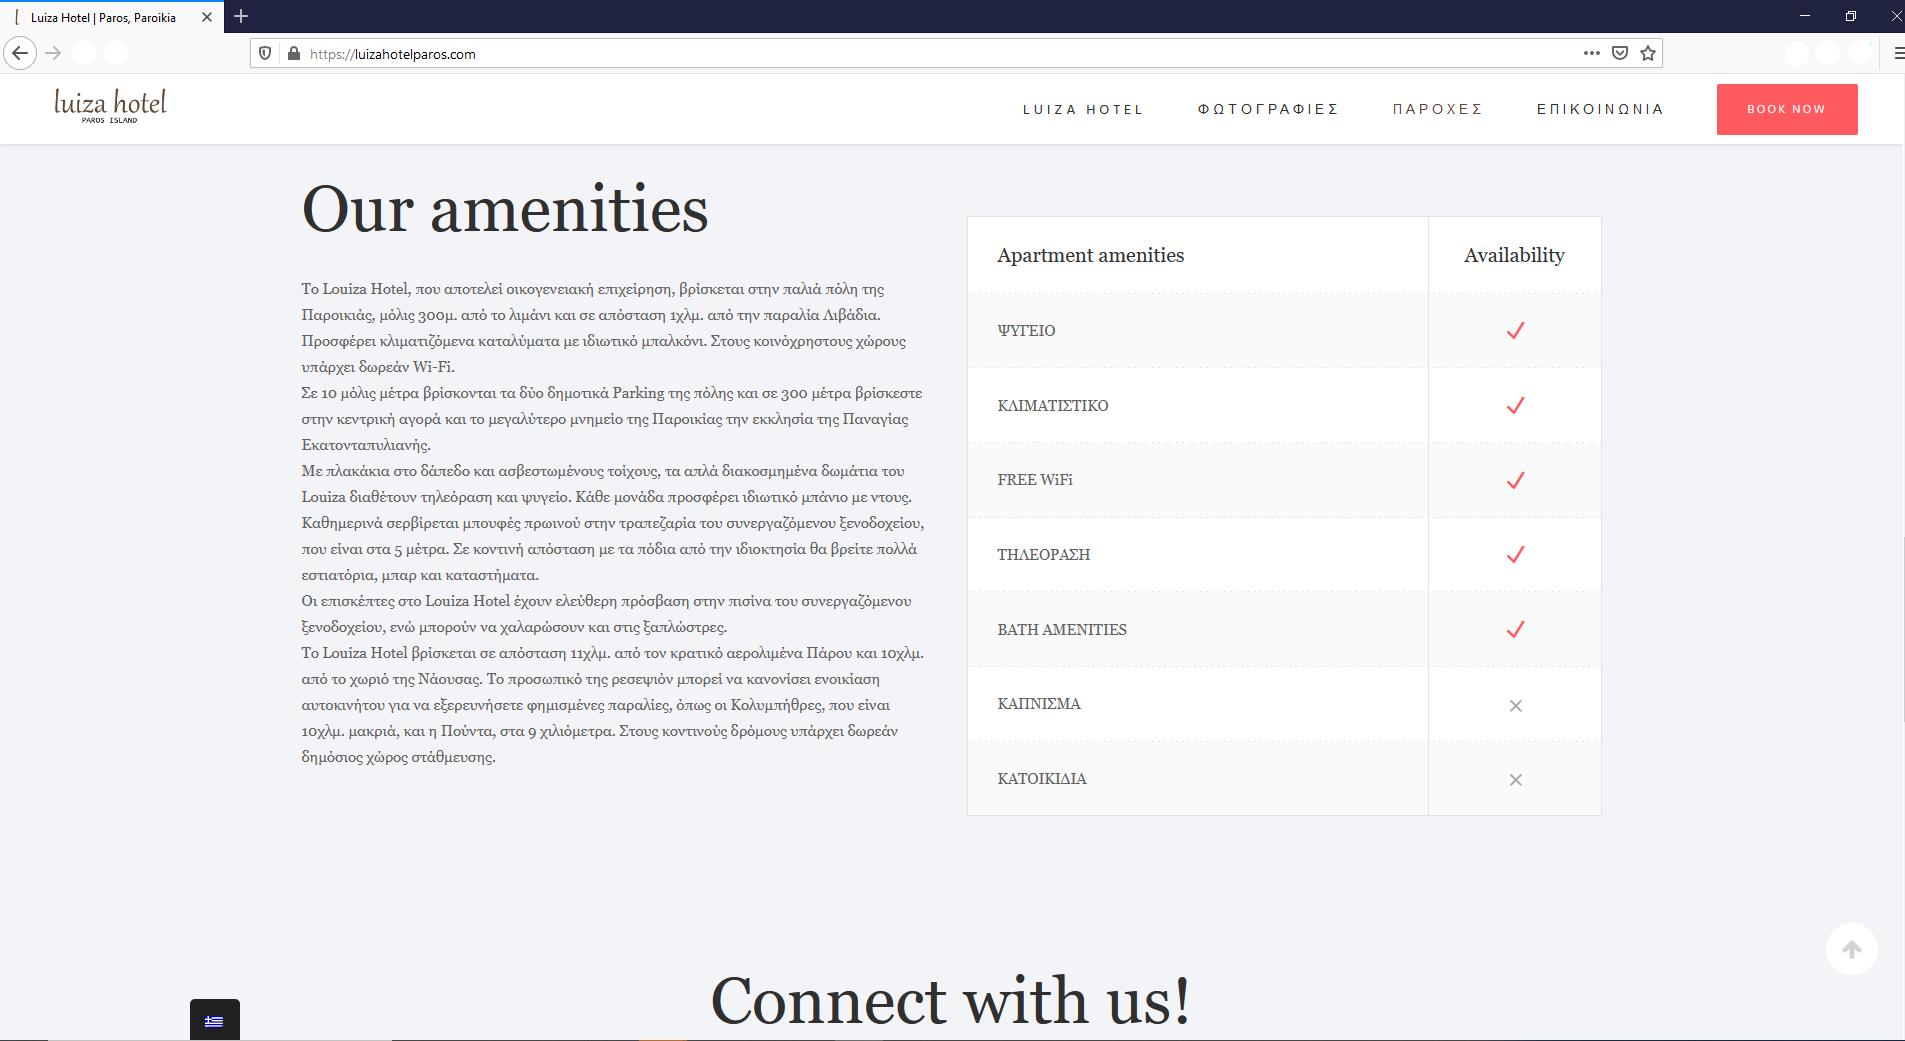 Δημιουργία ιστοσελίδας στην Πάρο